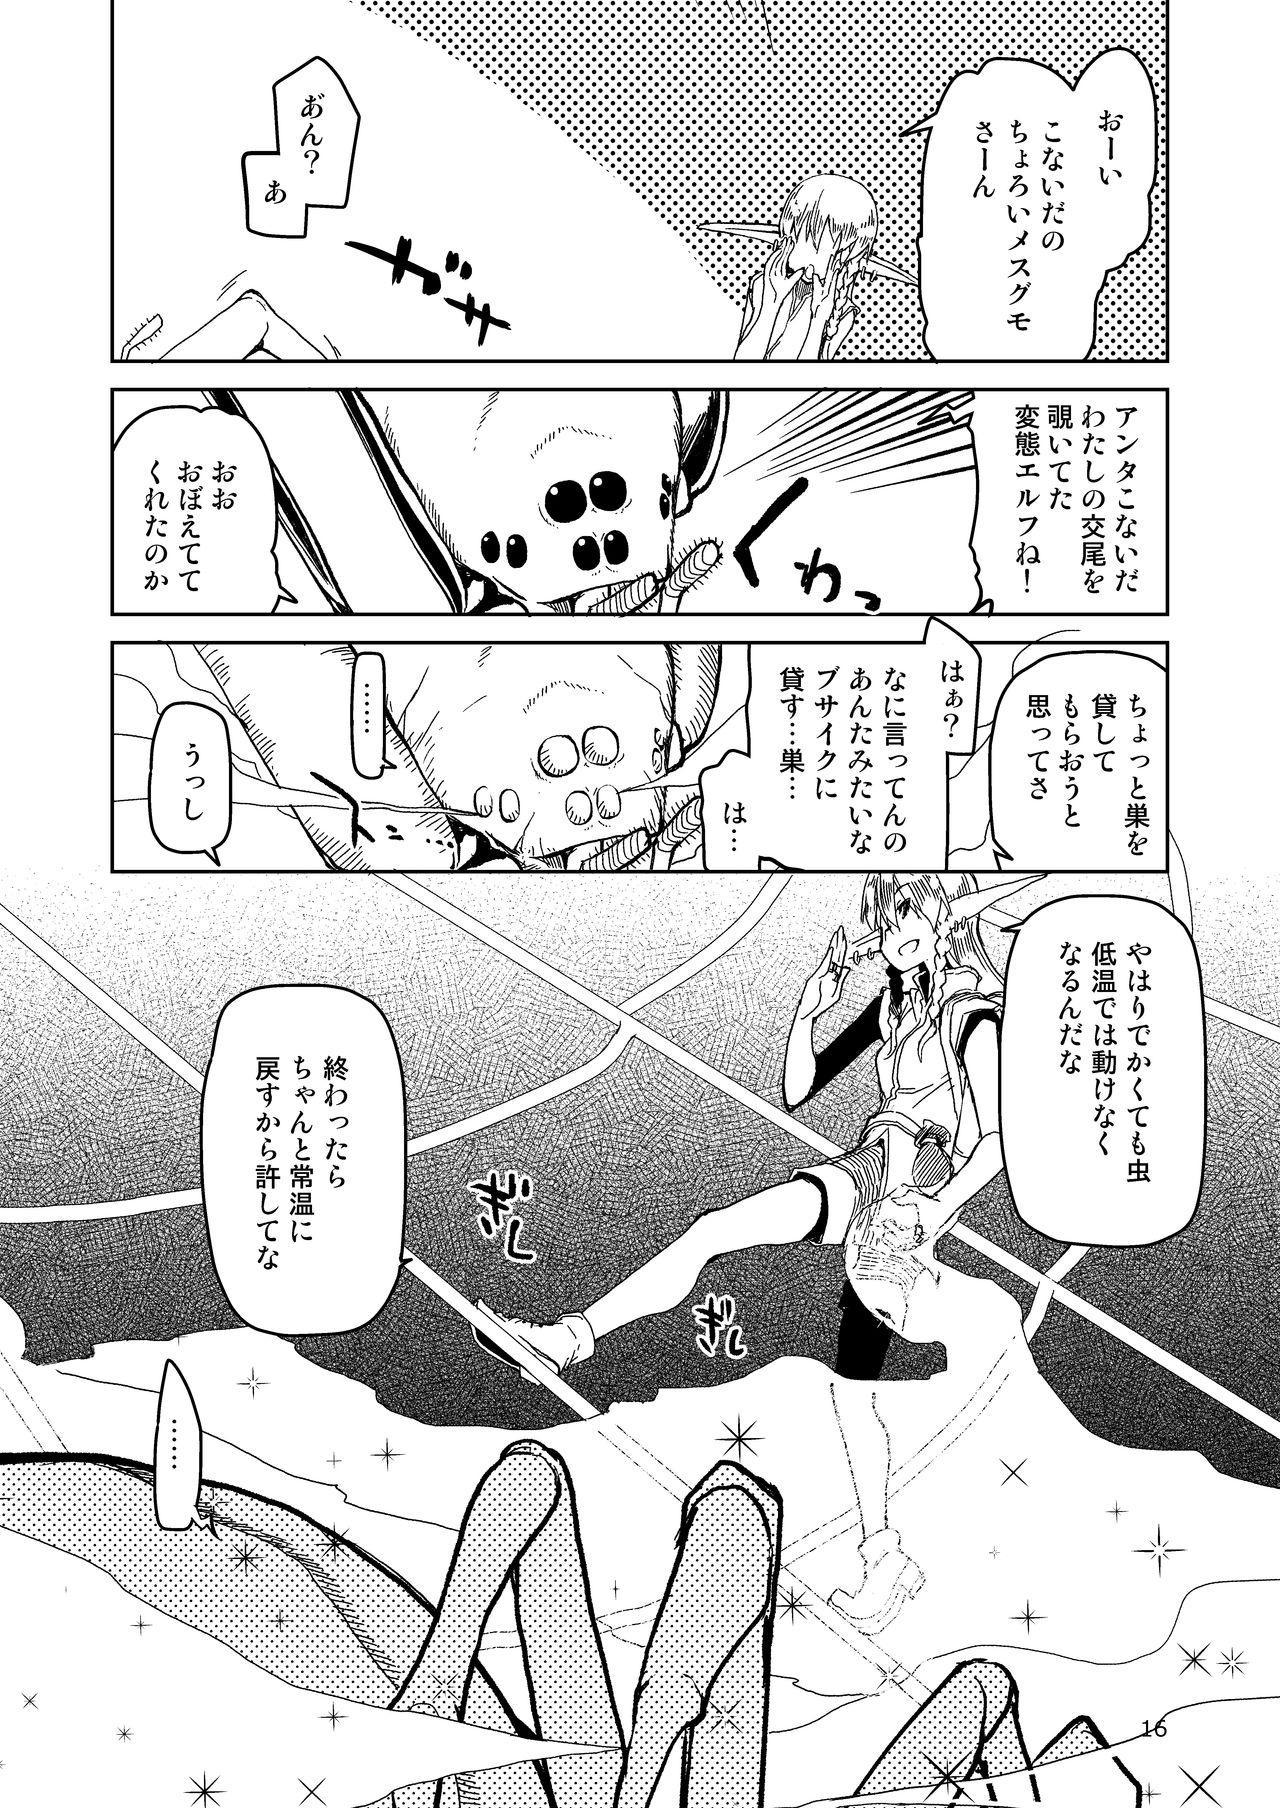 Dosukebe Elf no Ishukan Nikki Matome 2 16